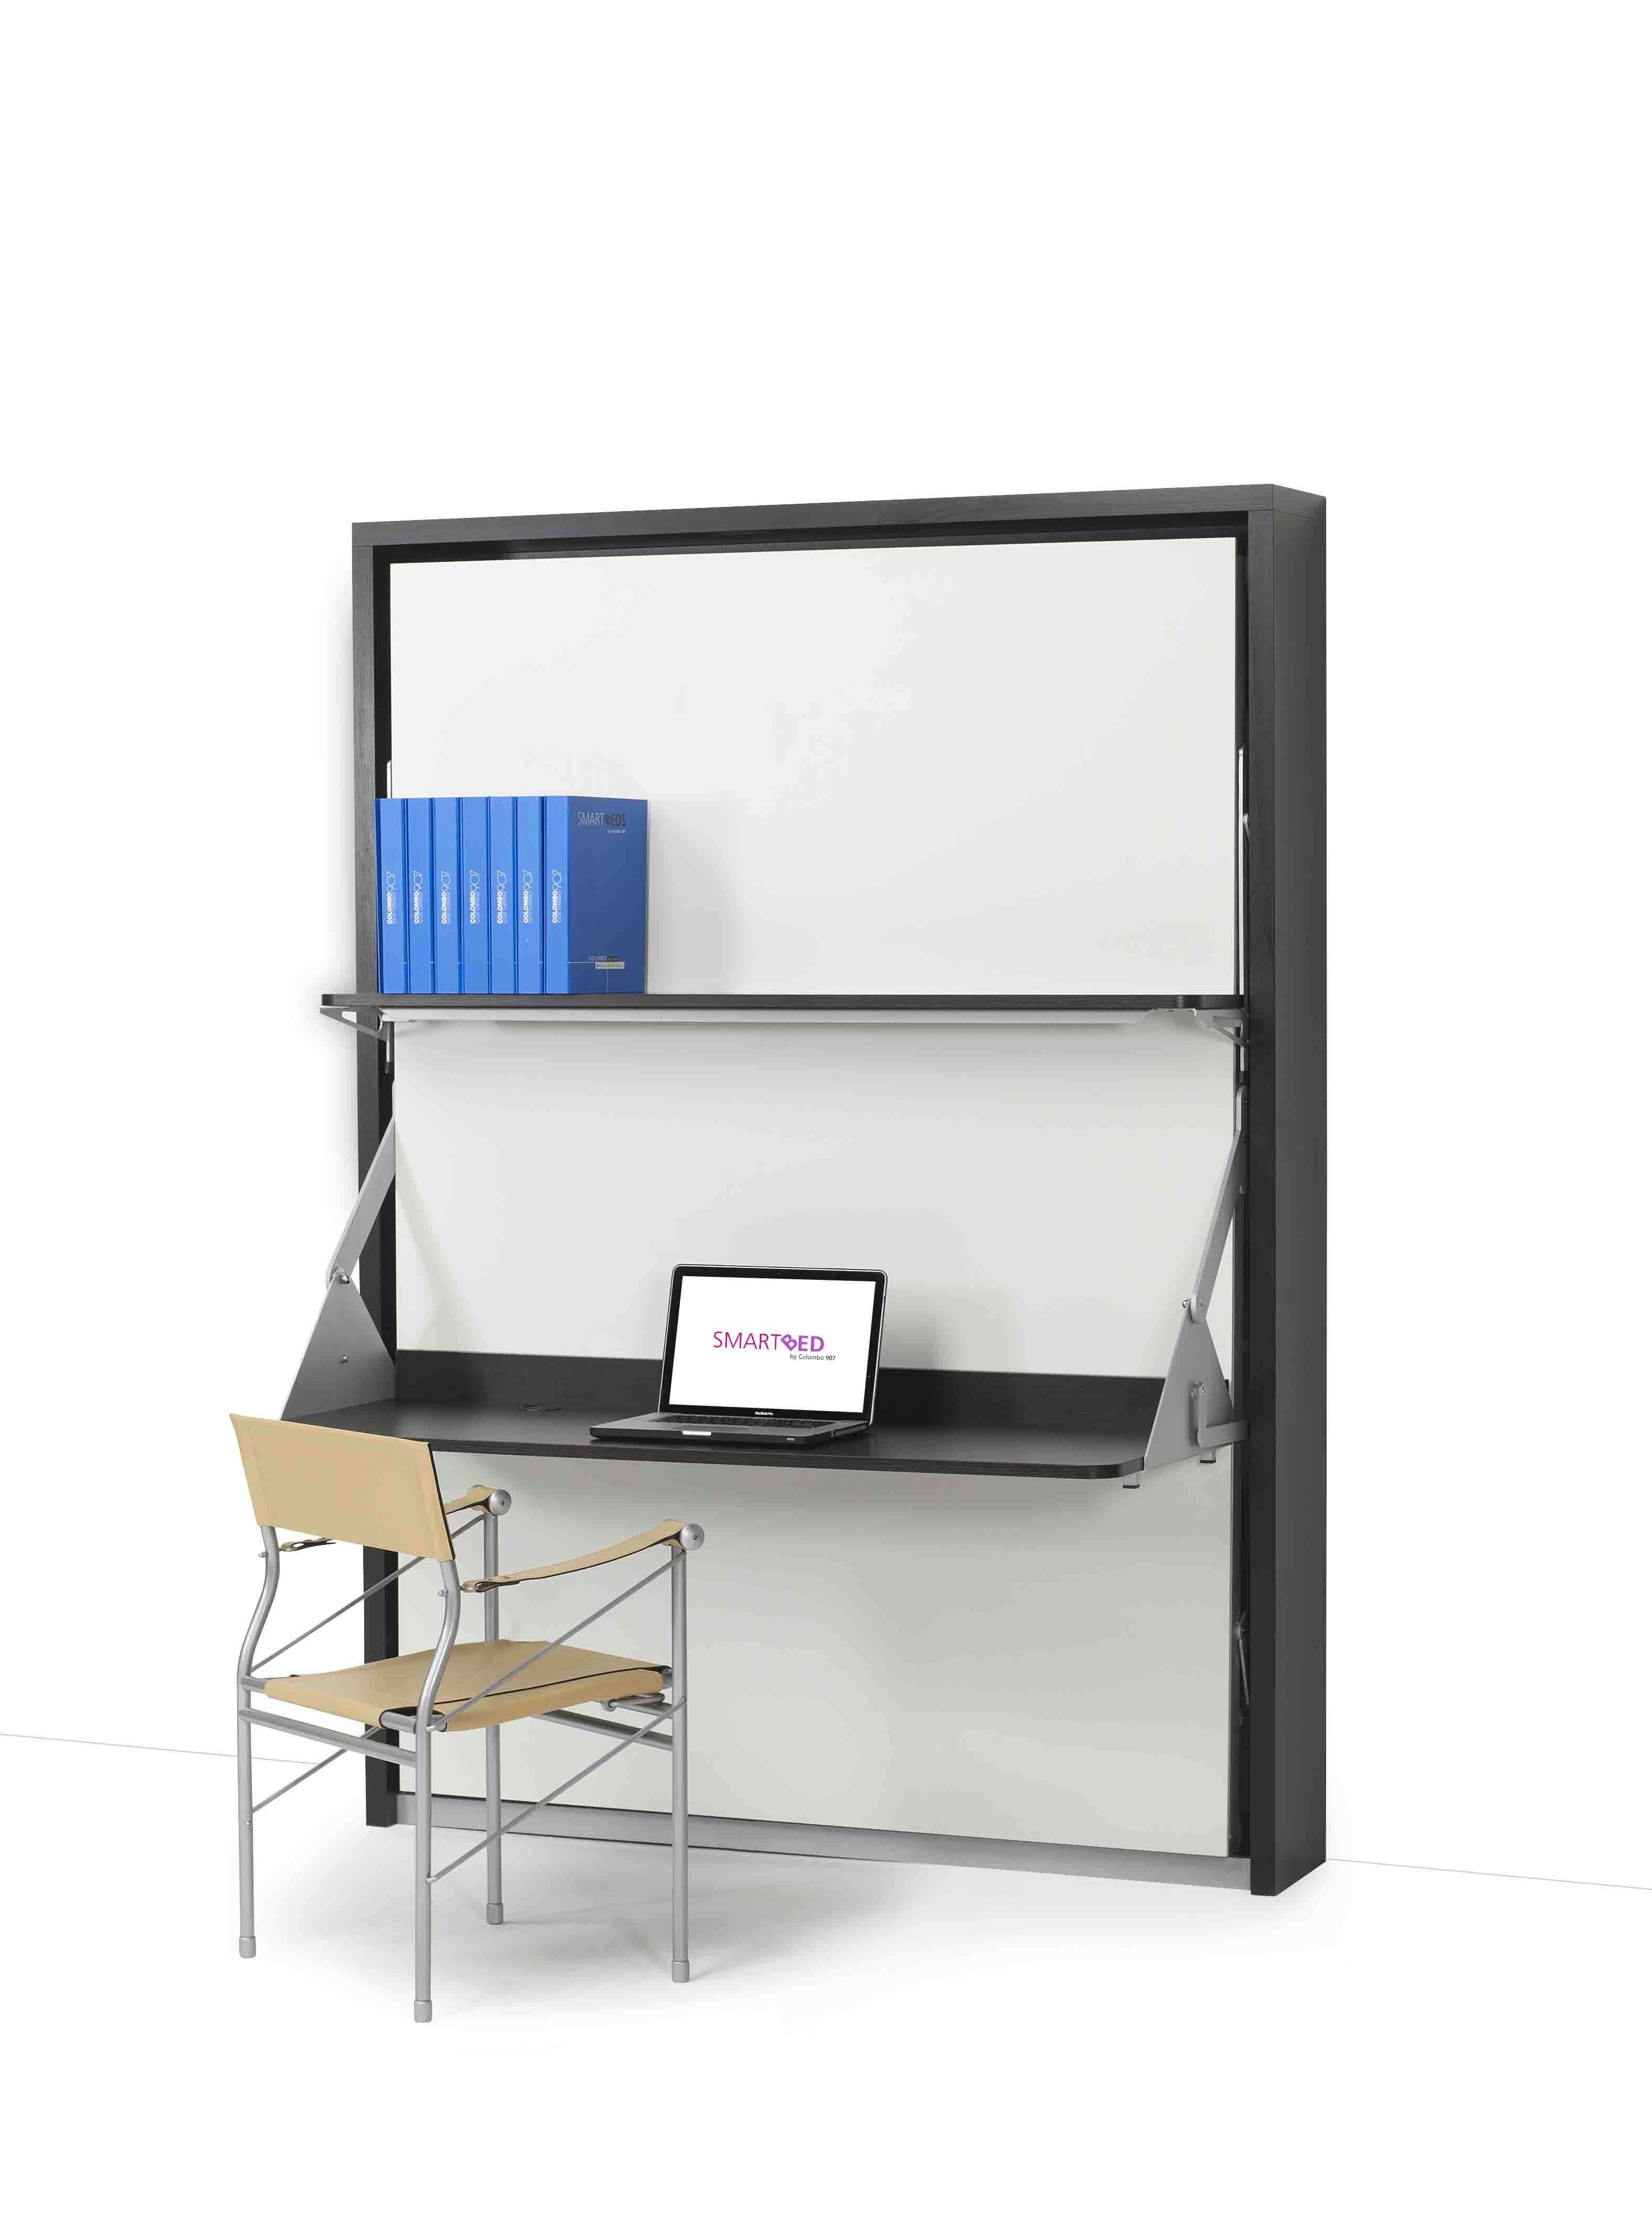 letto a scomparsa con scrivania modello hermione facebook letti a scomparsa letti a scomparsa. Black Bedroom Furniture Sets. Home Design Ideas